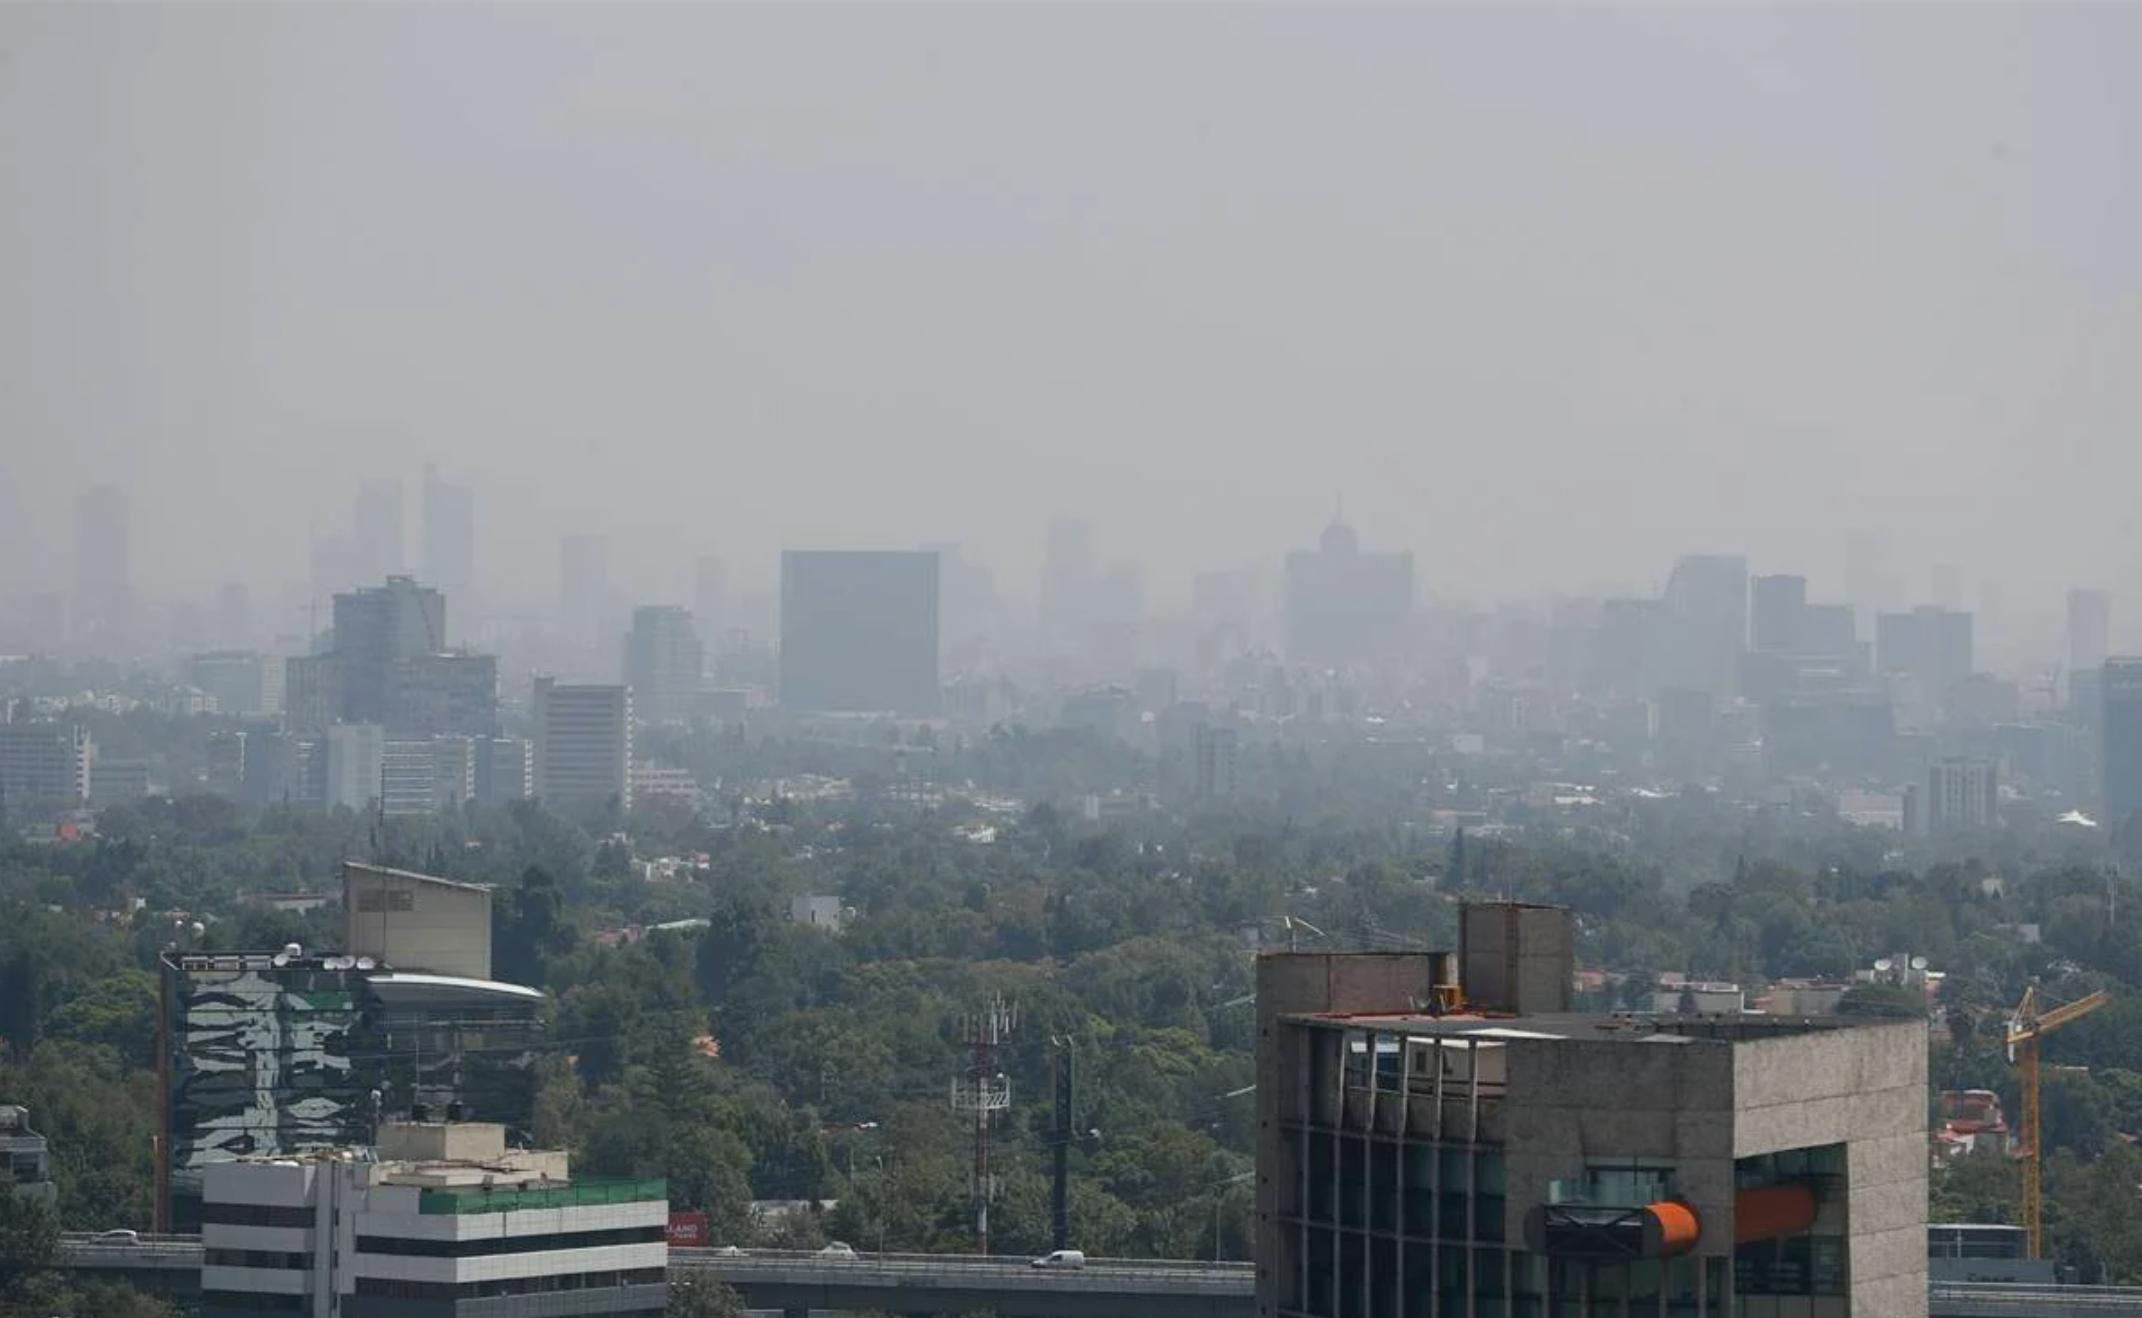 Confinamientos por Covid rebajaron la contaminación menos de lo esperado, revela estudio (El Universal)